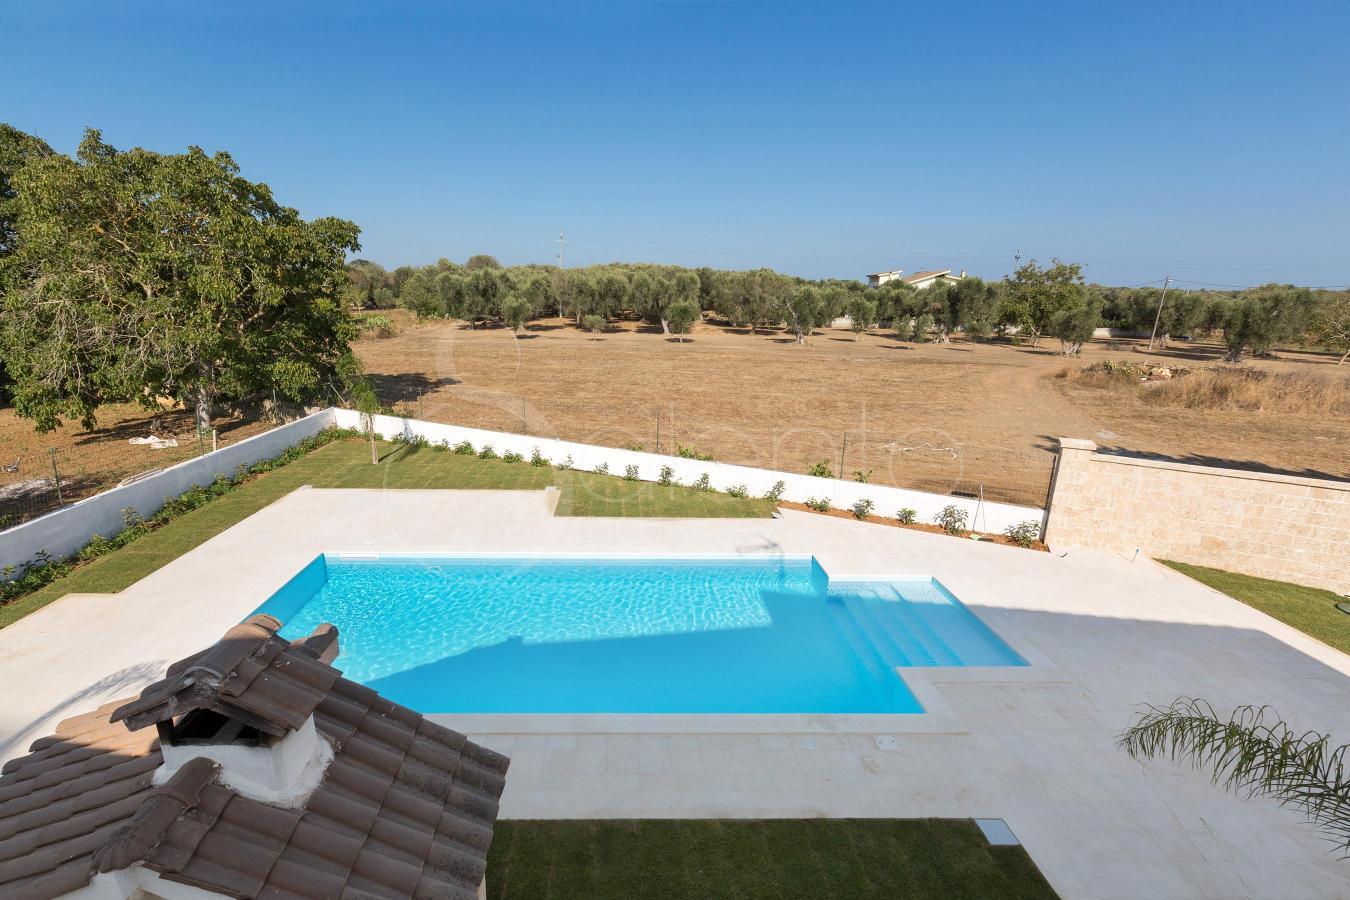 Attico all interno di una villa con piscina a ruffano gallipoli - Attico con piscina ...